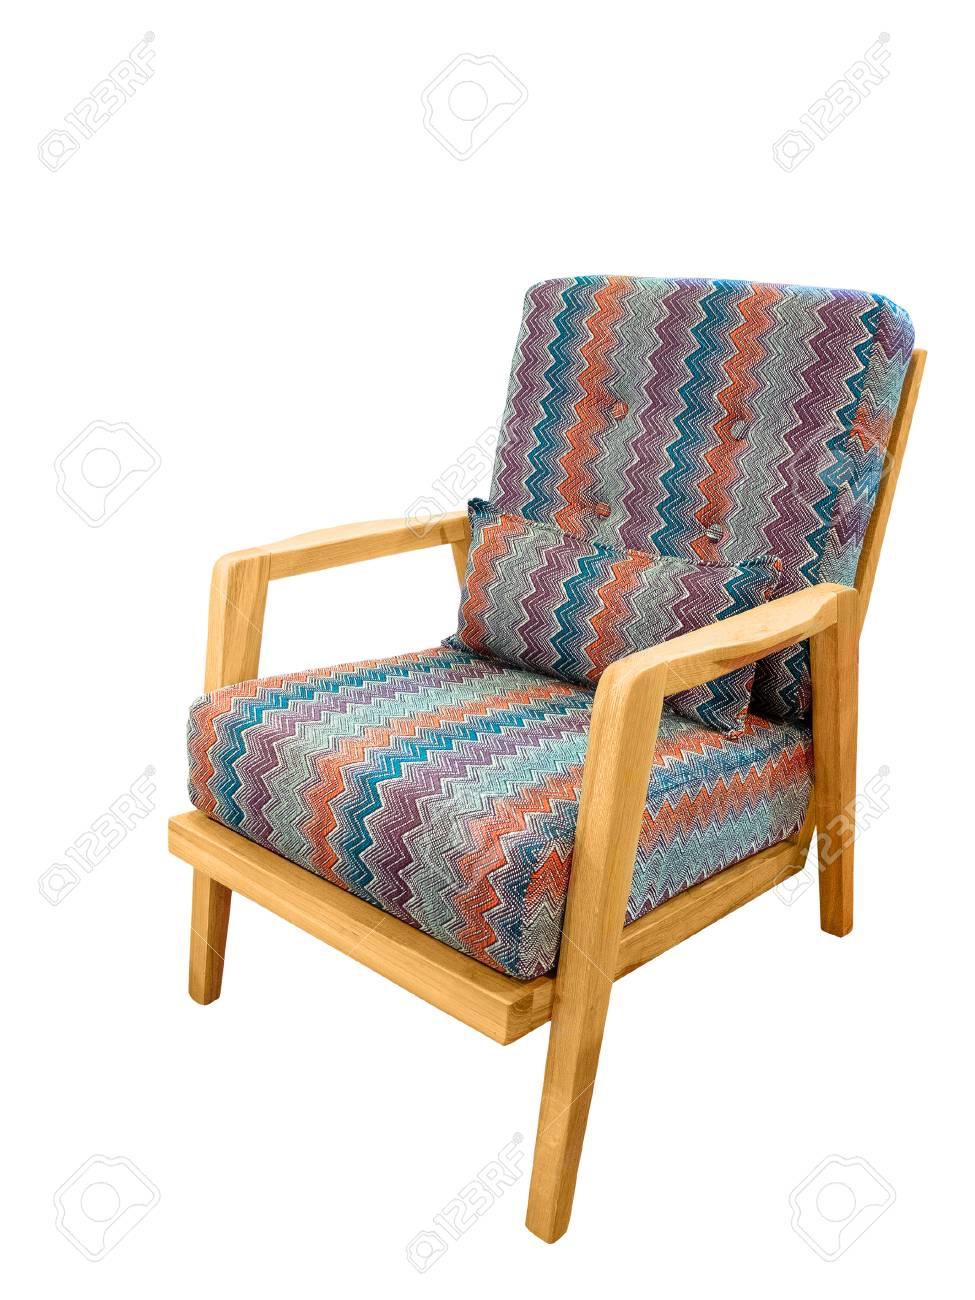 Schöne Und Modische Sessel Mit Kissen Auf Einem Weißen Hintergrund ...